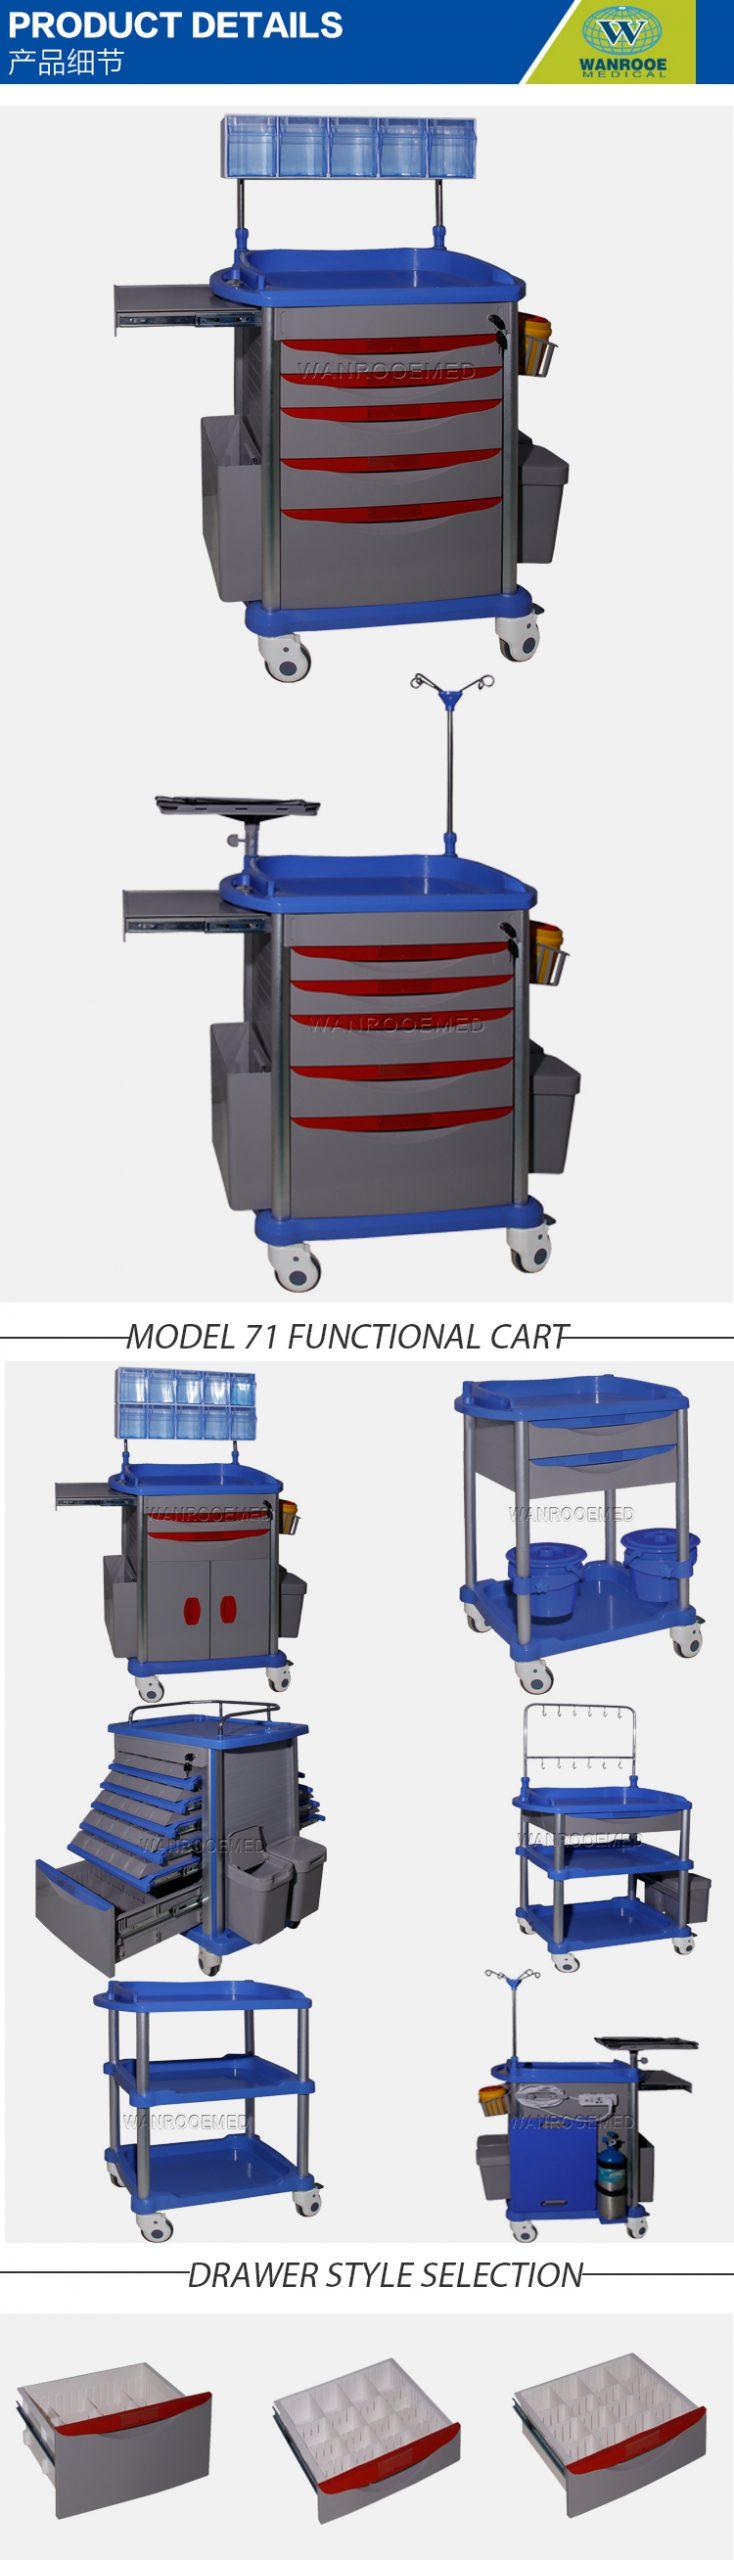 Medical Trolley Cart,ABS Cart,Hospital Trolley Cart,Crash Cart,Emergency Trolley